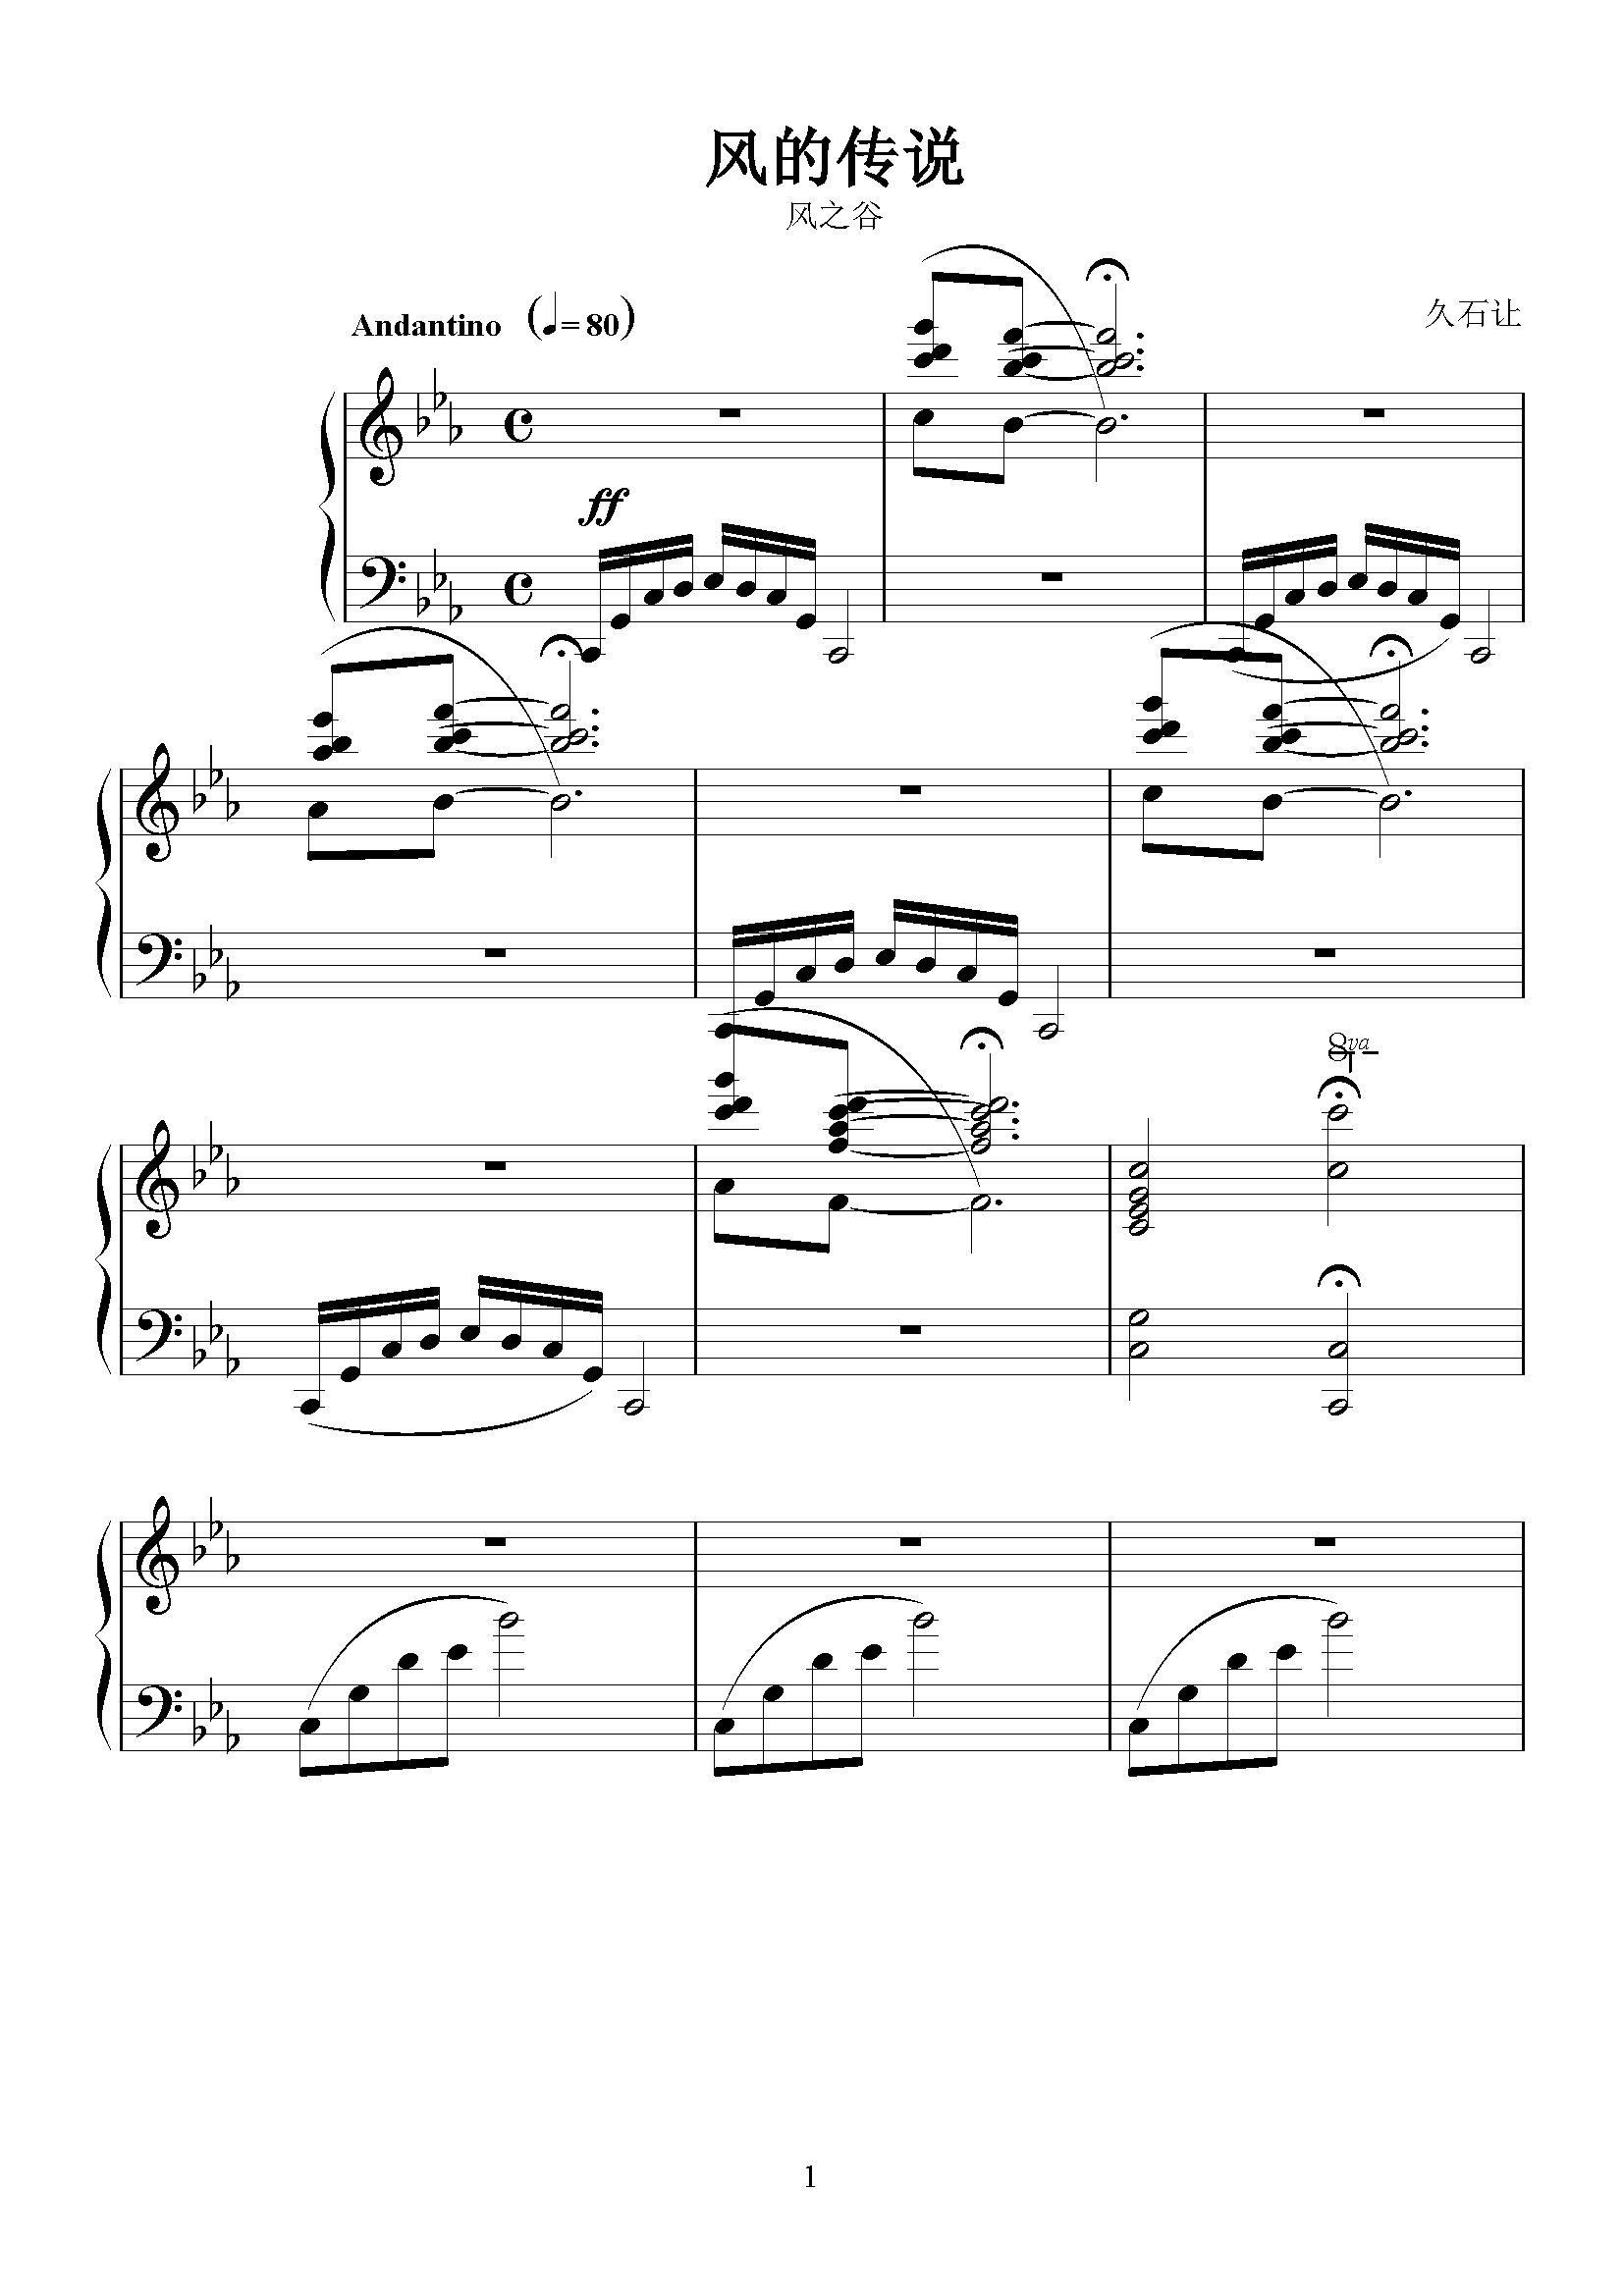 钢琴曲谱久石让分享展示